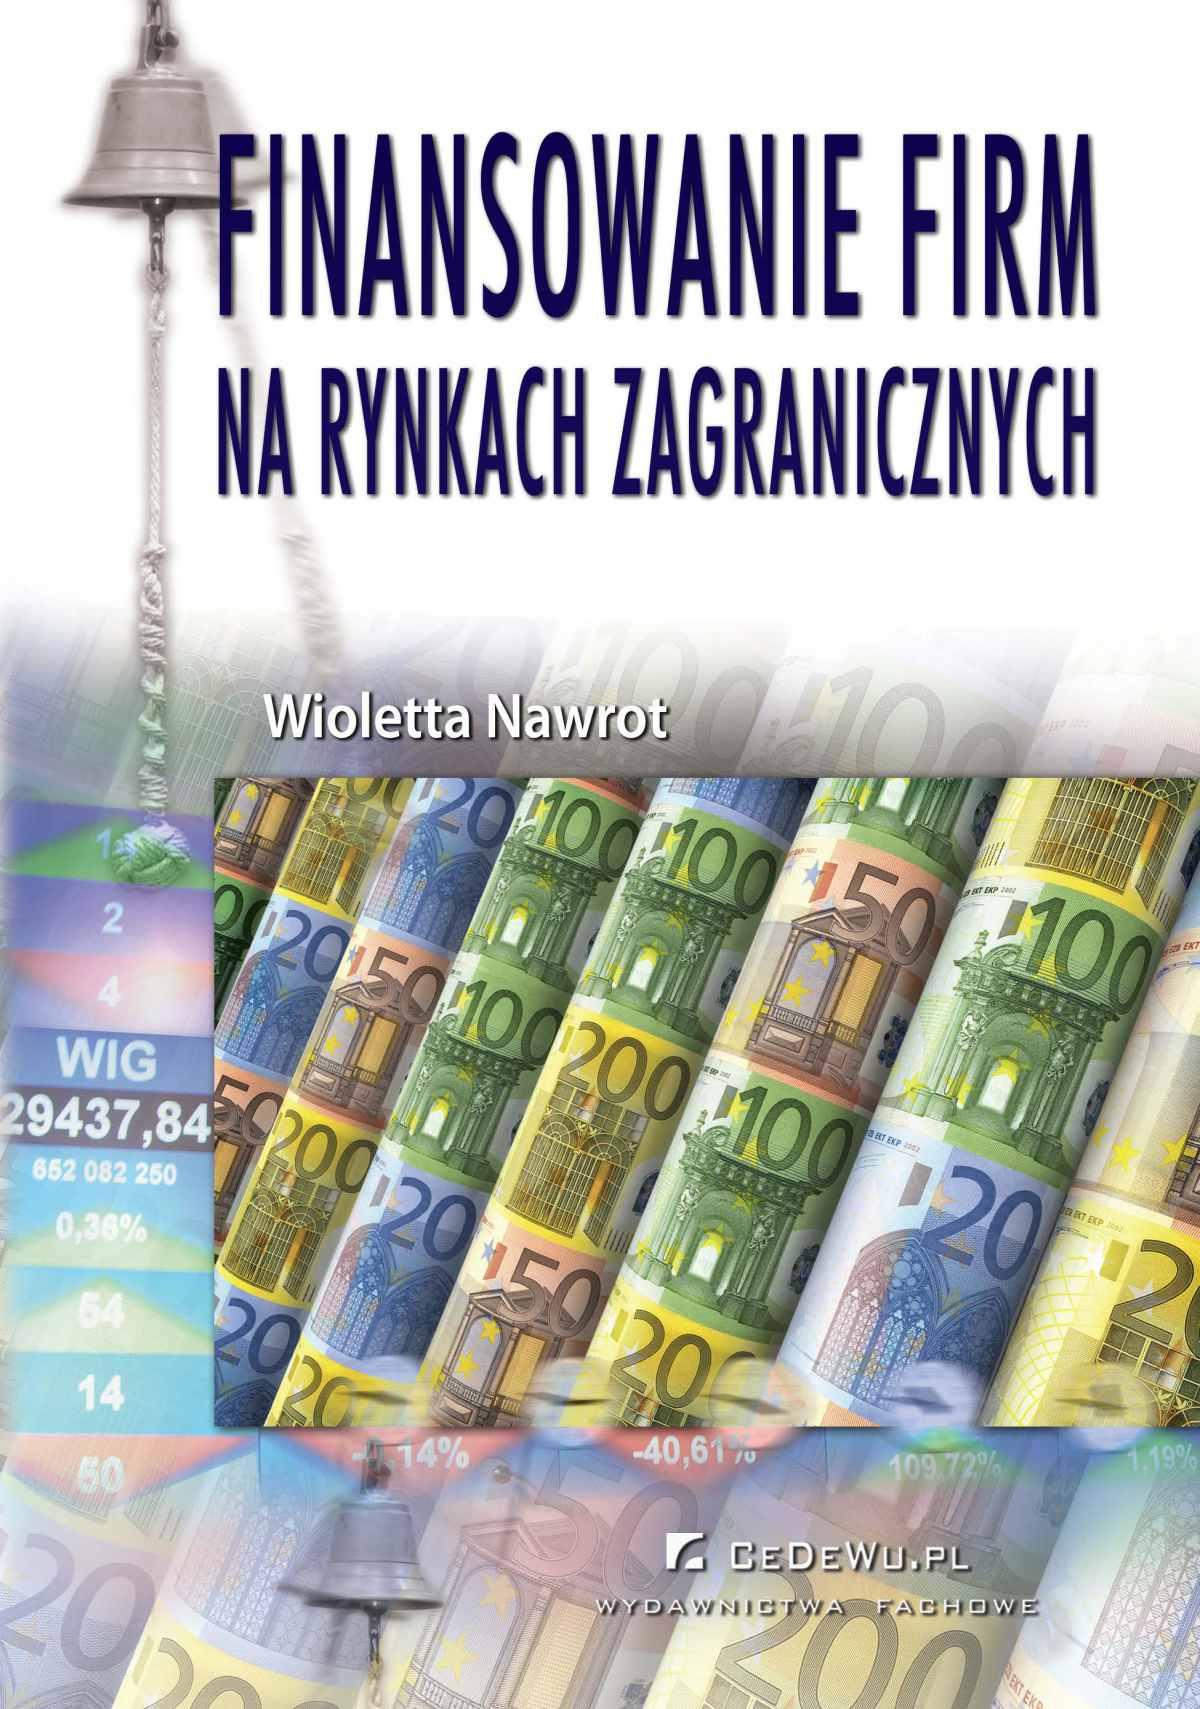 Finansowanie firm na rynkach zagranicznych (wyd. II). Rozdział 5. Wpływ notowania spółek na giełdach zagranicznych na giełdę krajów - Ebook (Książka PDF) do pobrania w formacie PDF